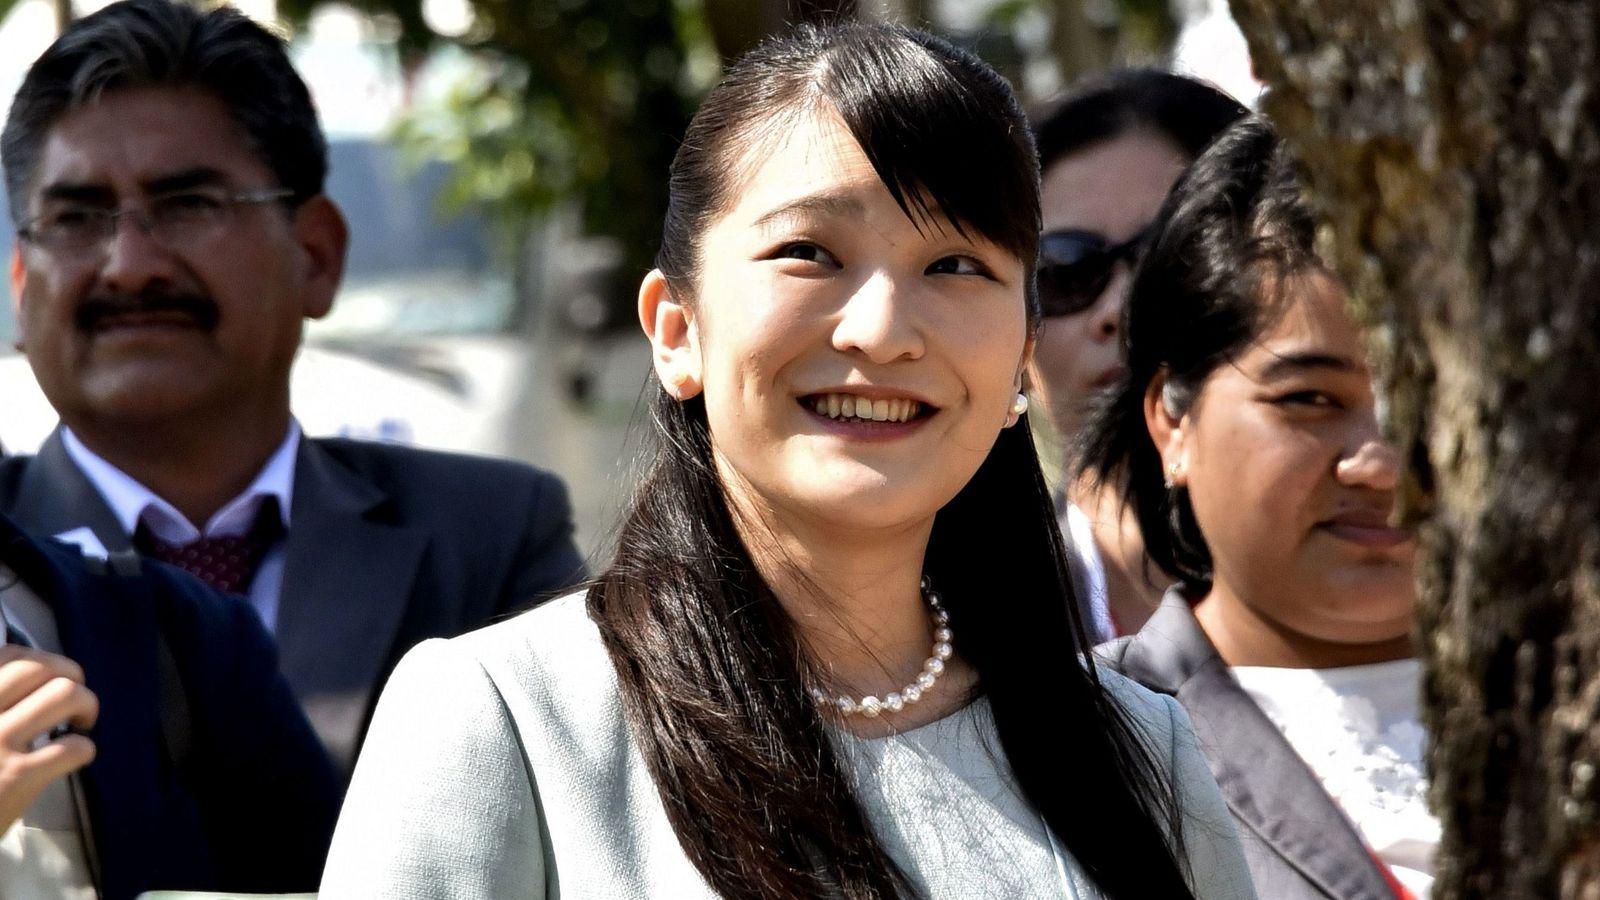 小室圭さんと眞子様の結婚は破談にするべきか 小室さんに伝えたい「今すべきこと」